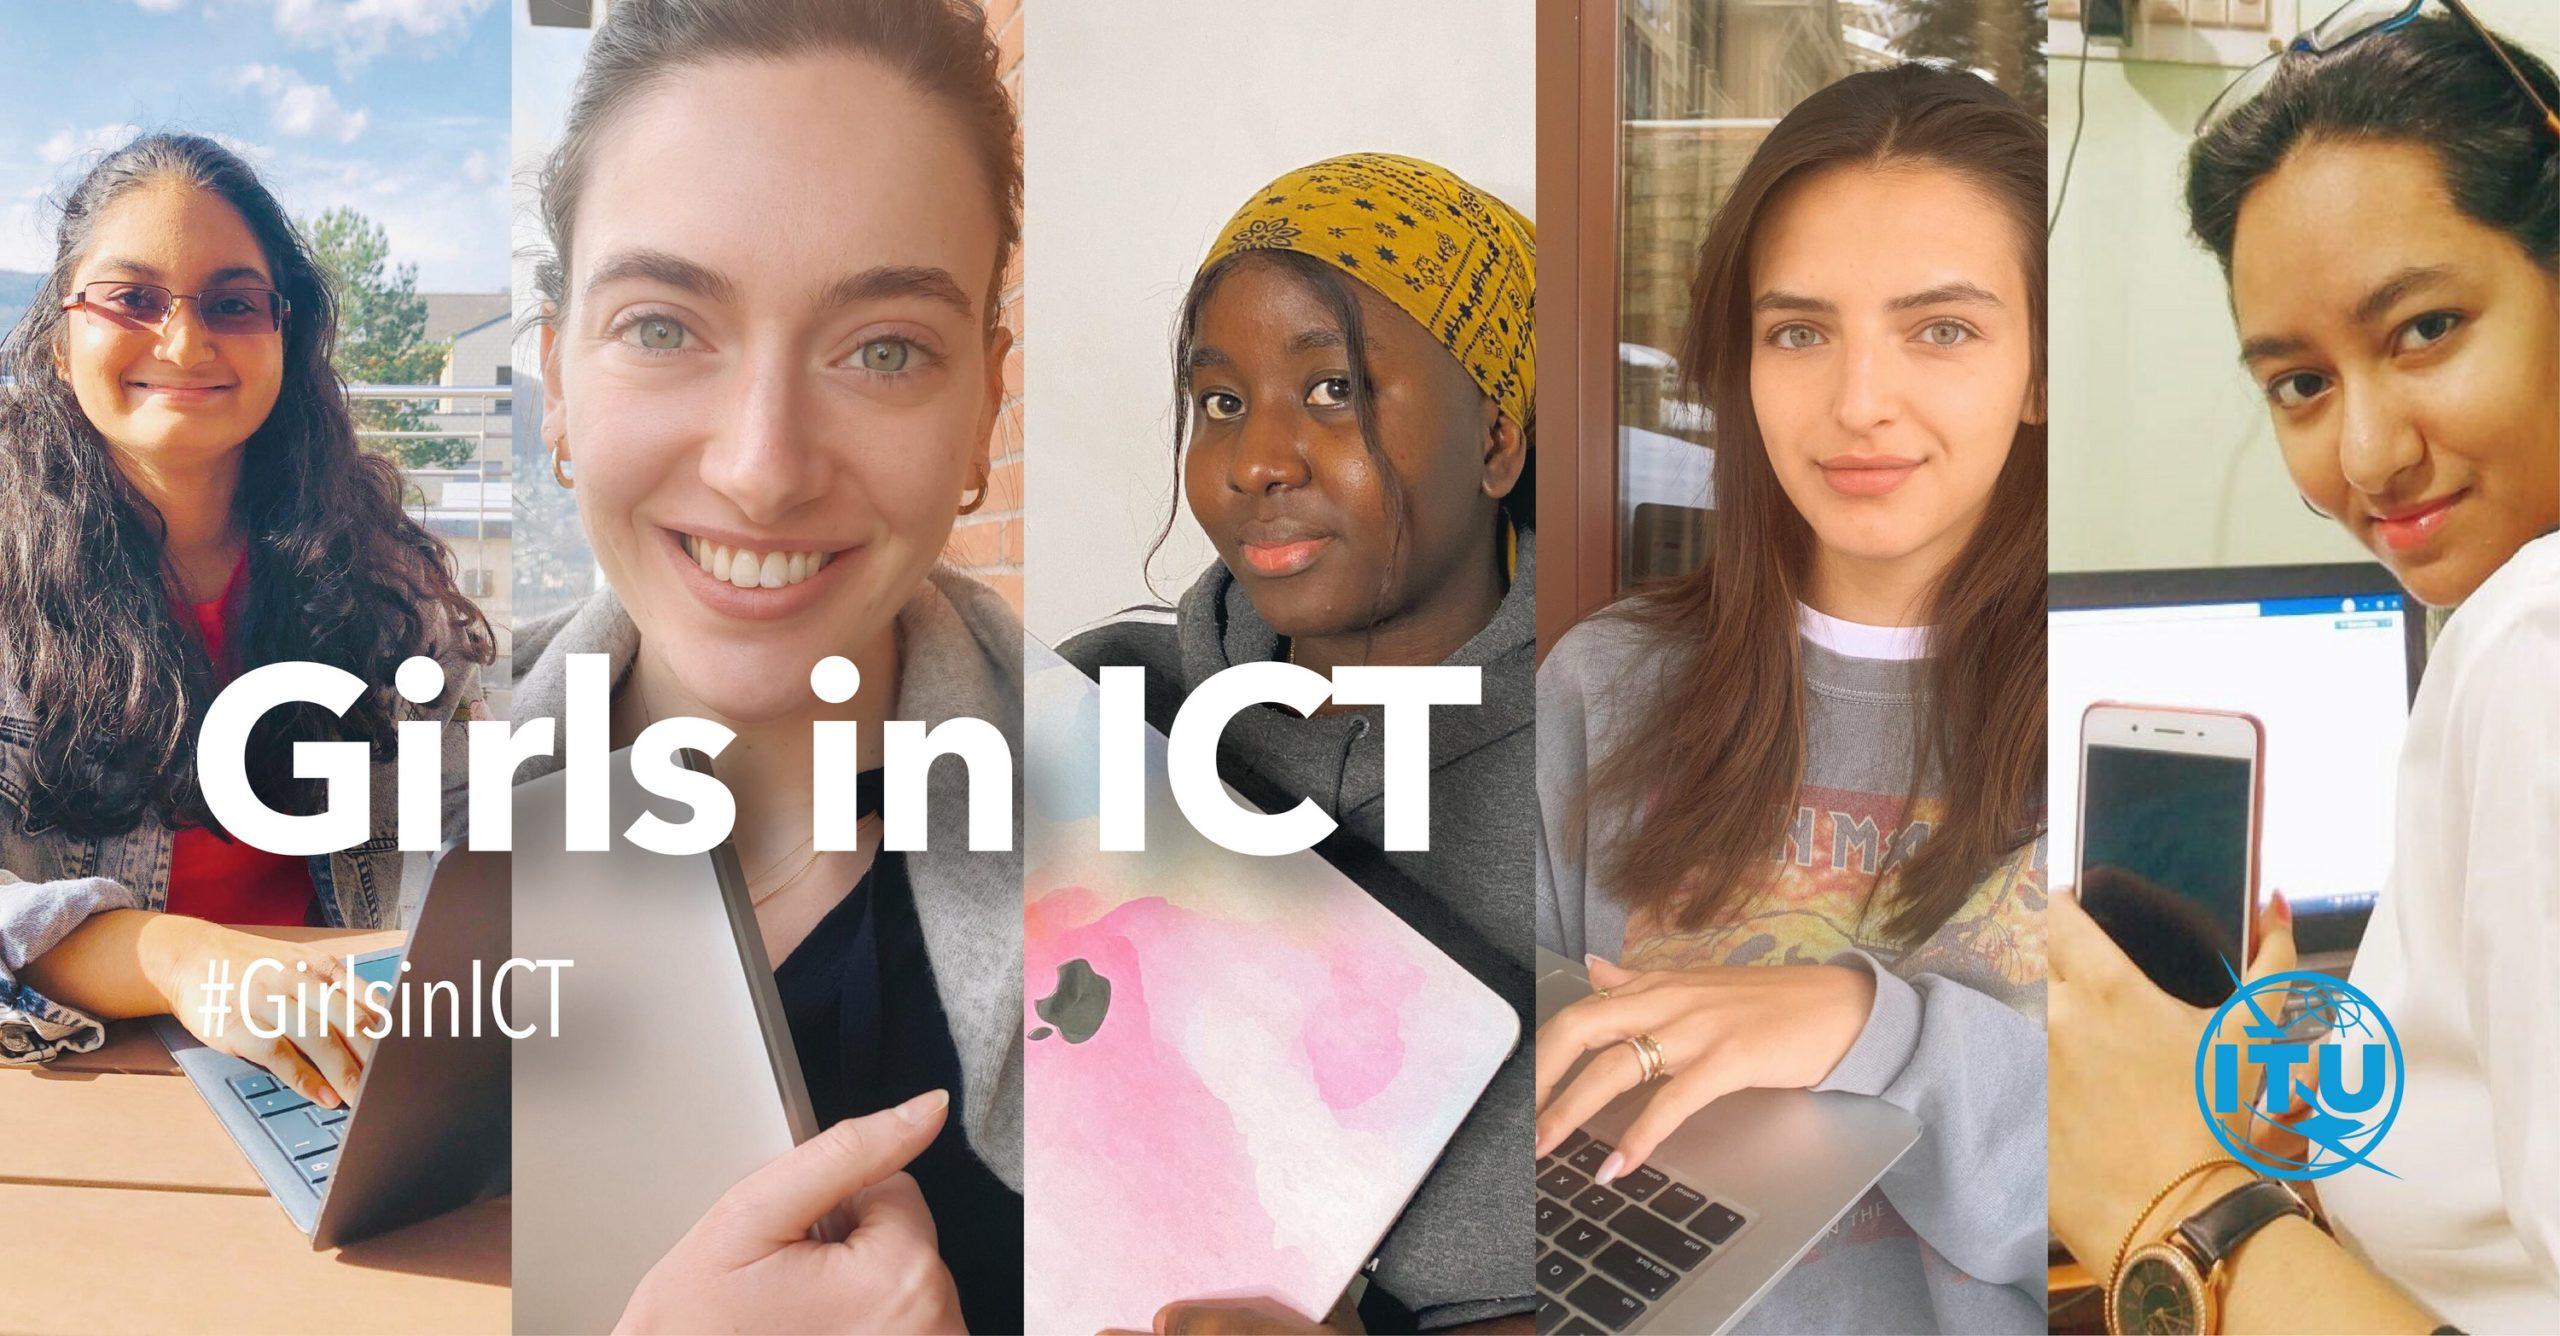 في الذكرى العاشرة ليوم الفتيات في مجال تكنولوجيا والاتصالات (#GirlsinICT)، تعرف على كيف يمكن أن تسهم في تحقيق المساواة بين الجنسين (#genderequality) في مجال العلوم والتكنولوجيا والهندسة والرياضيات!